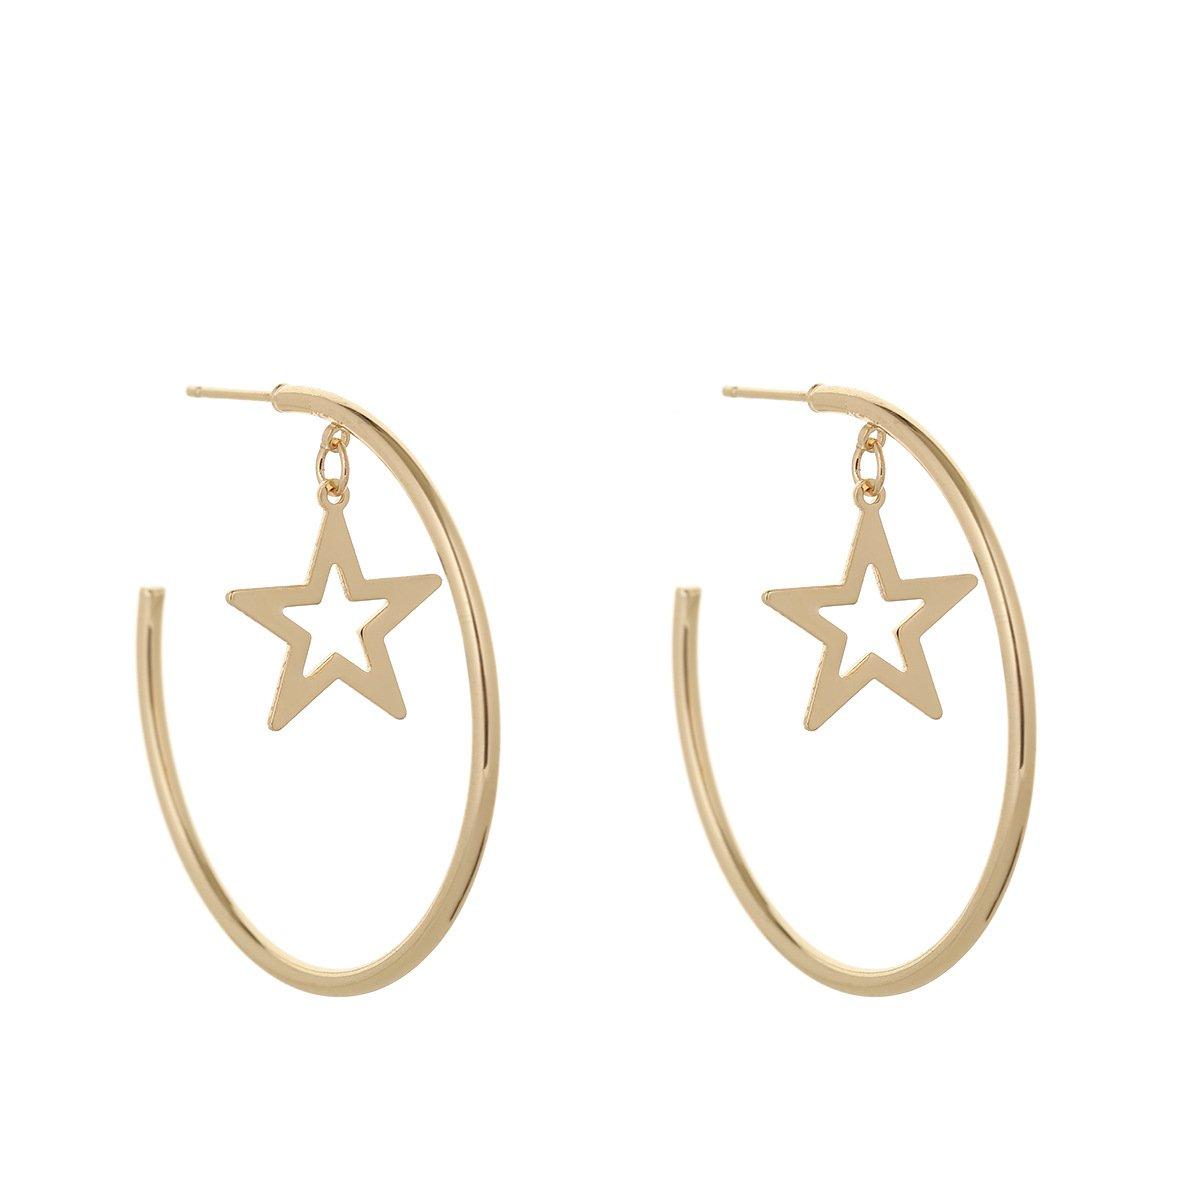 Heart Hoop Earrings Large Geometric Dangle Hoops Earrings Fashion Earrings for Women F-U Fu80102-1